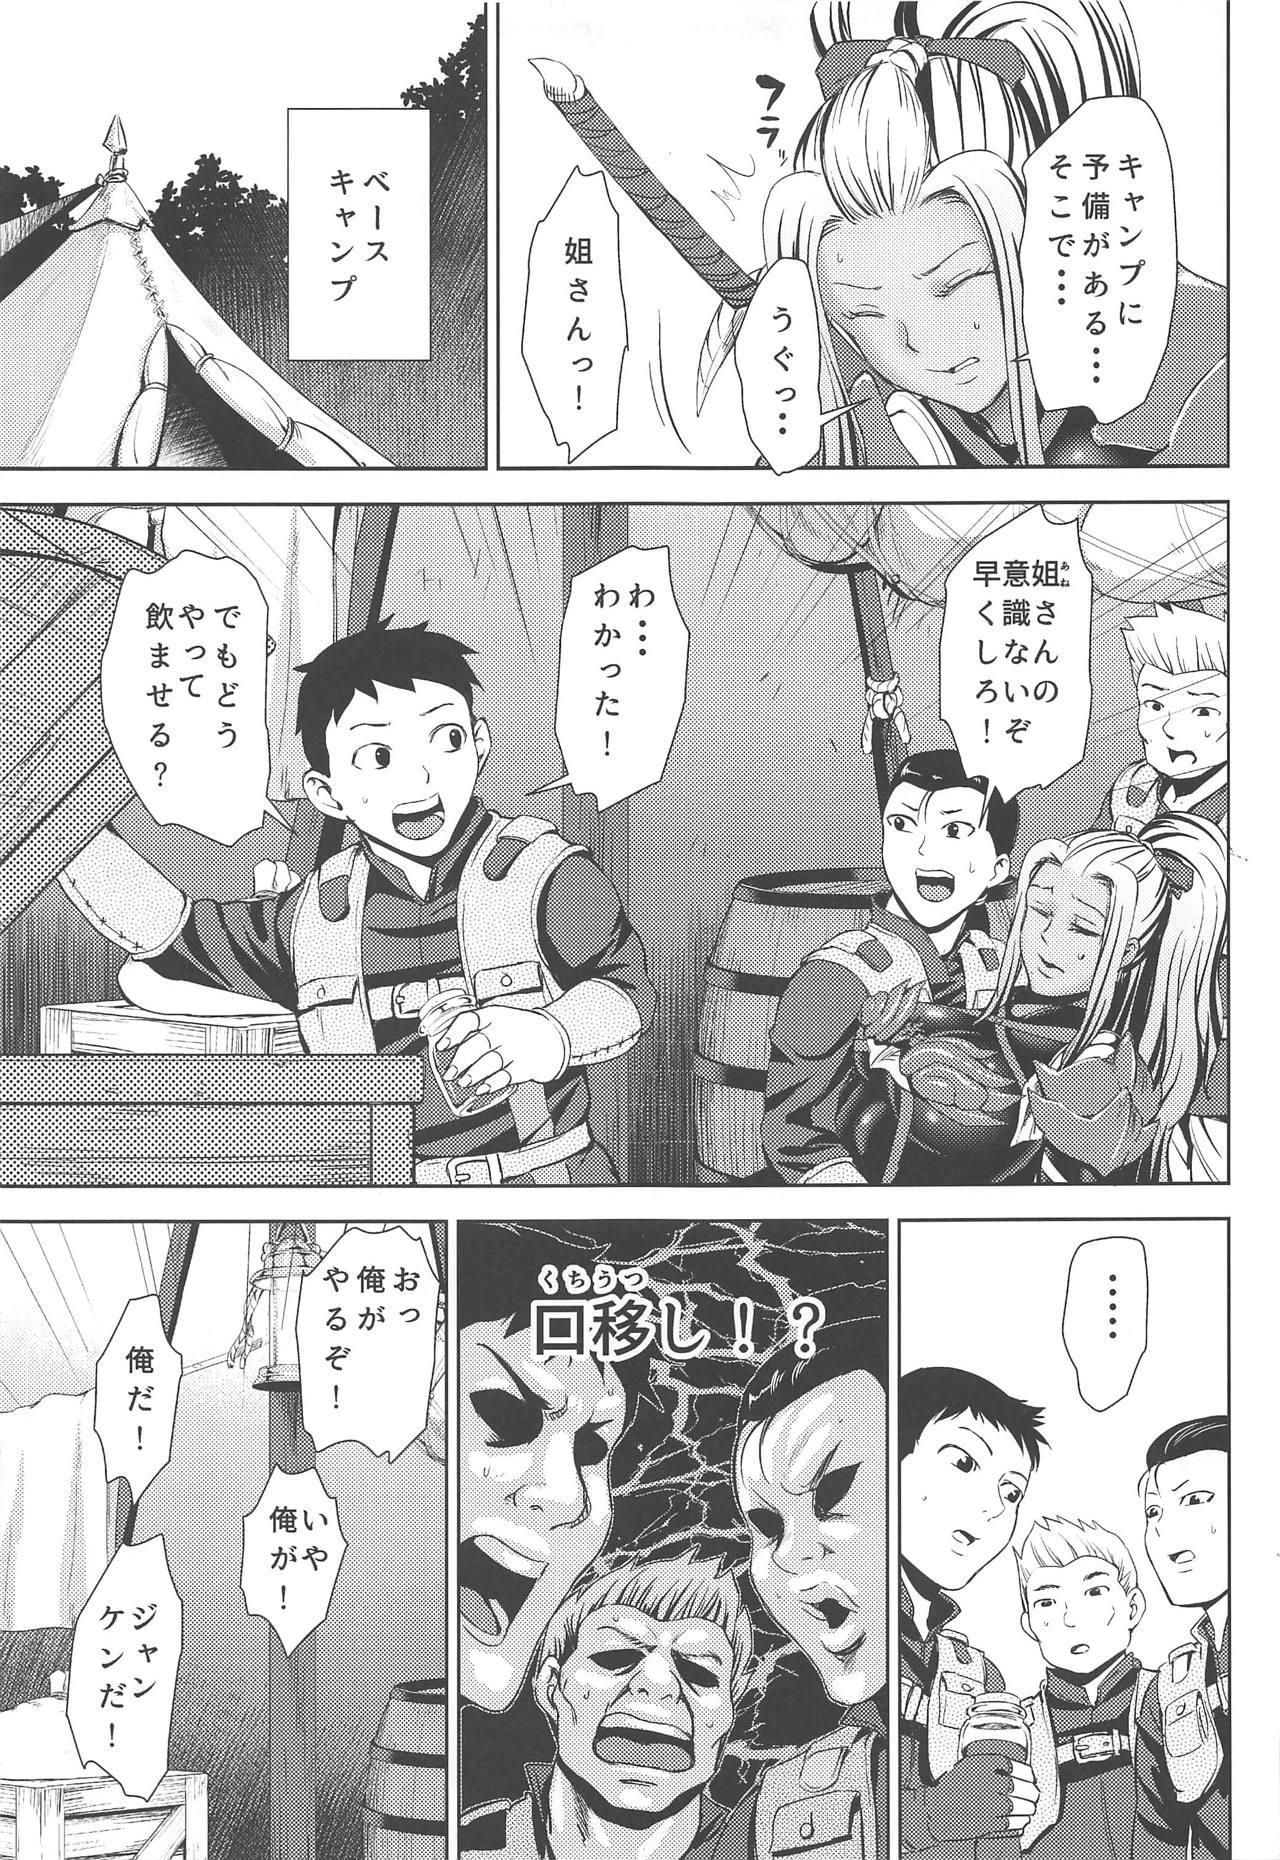 Ane-san Hunter ni Shiboraretai 7